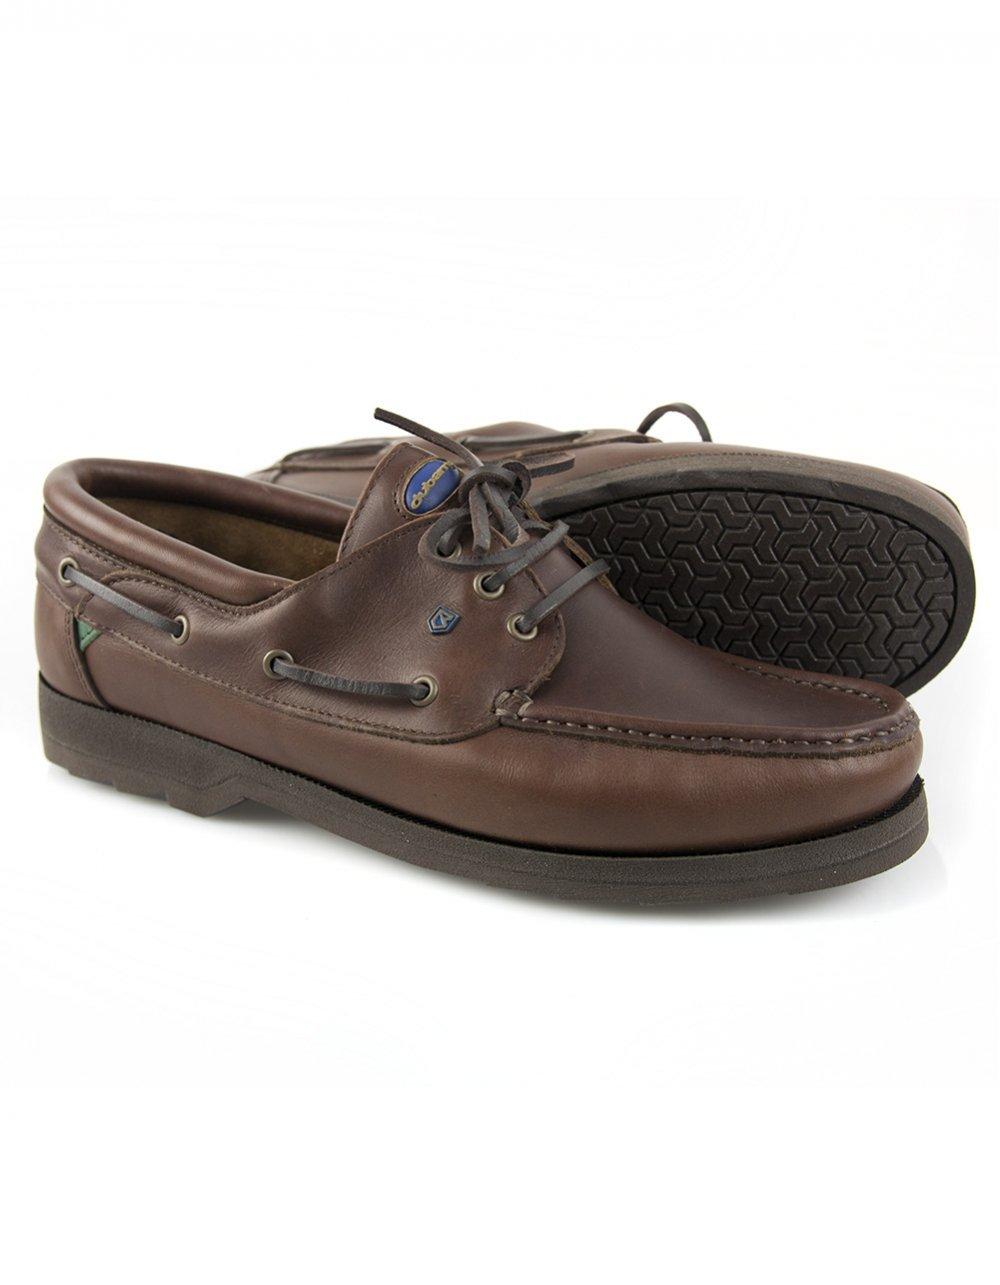 Dubarry Boat Shoes Uk